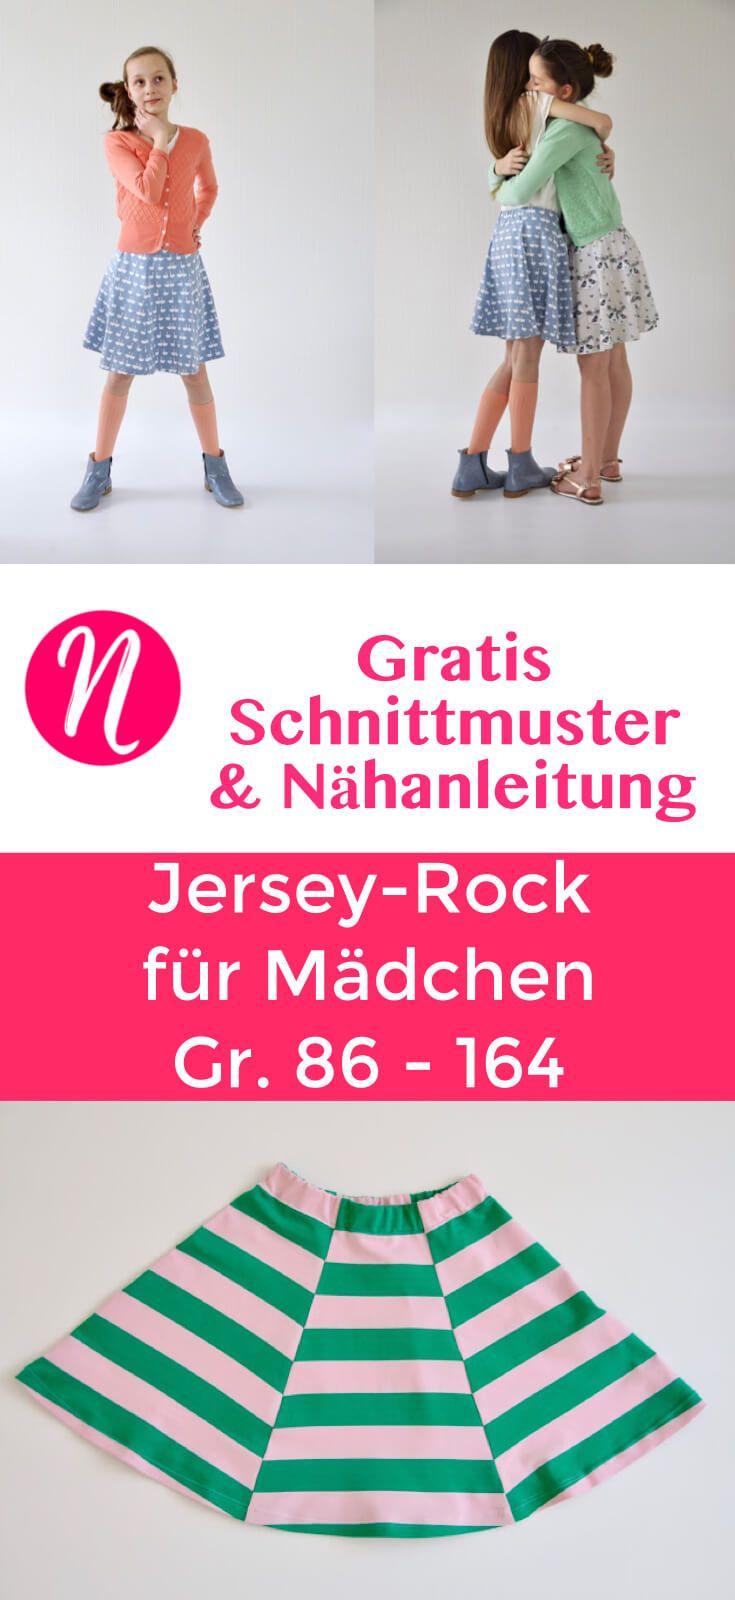 Jerseyrock für Mädchen | Nähanleitung, Girls und Rock